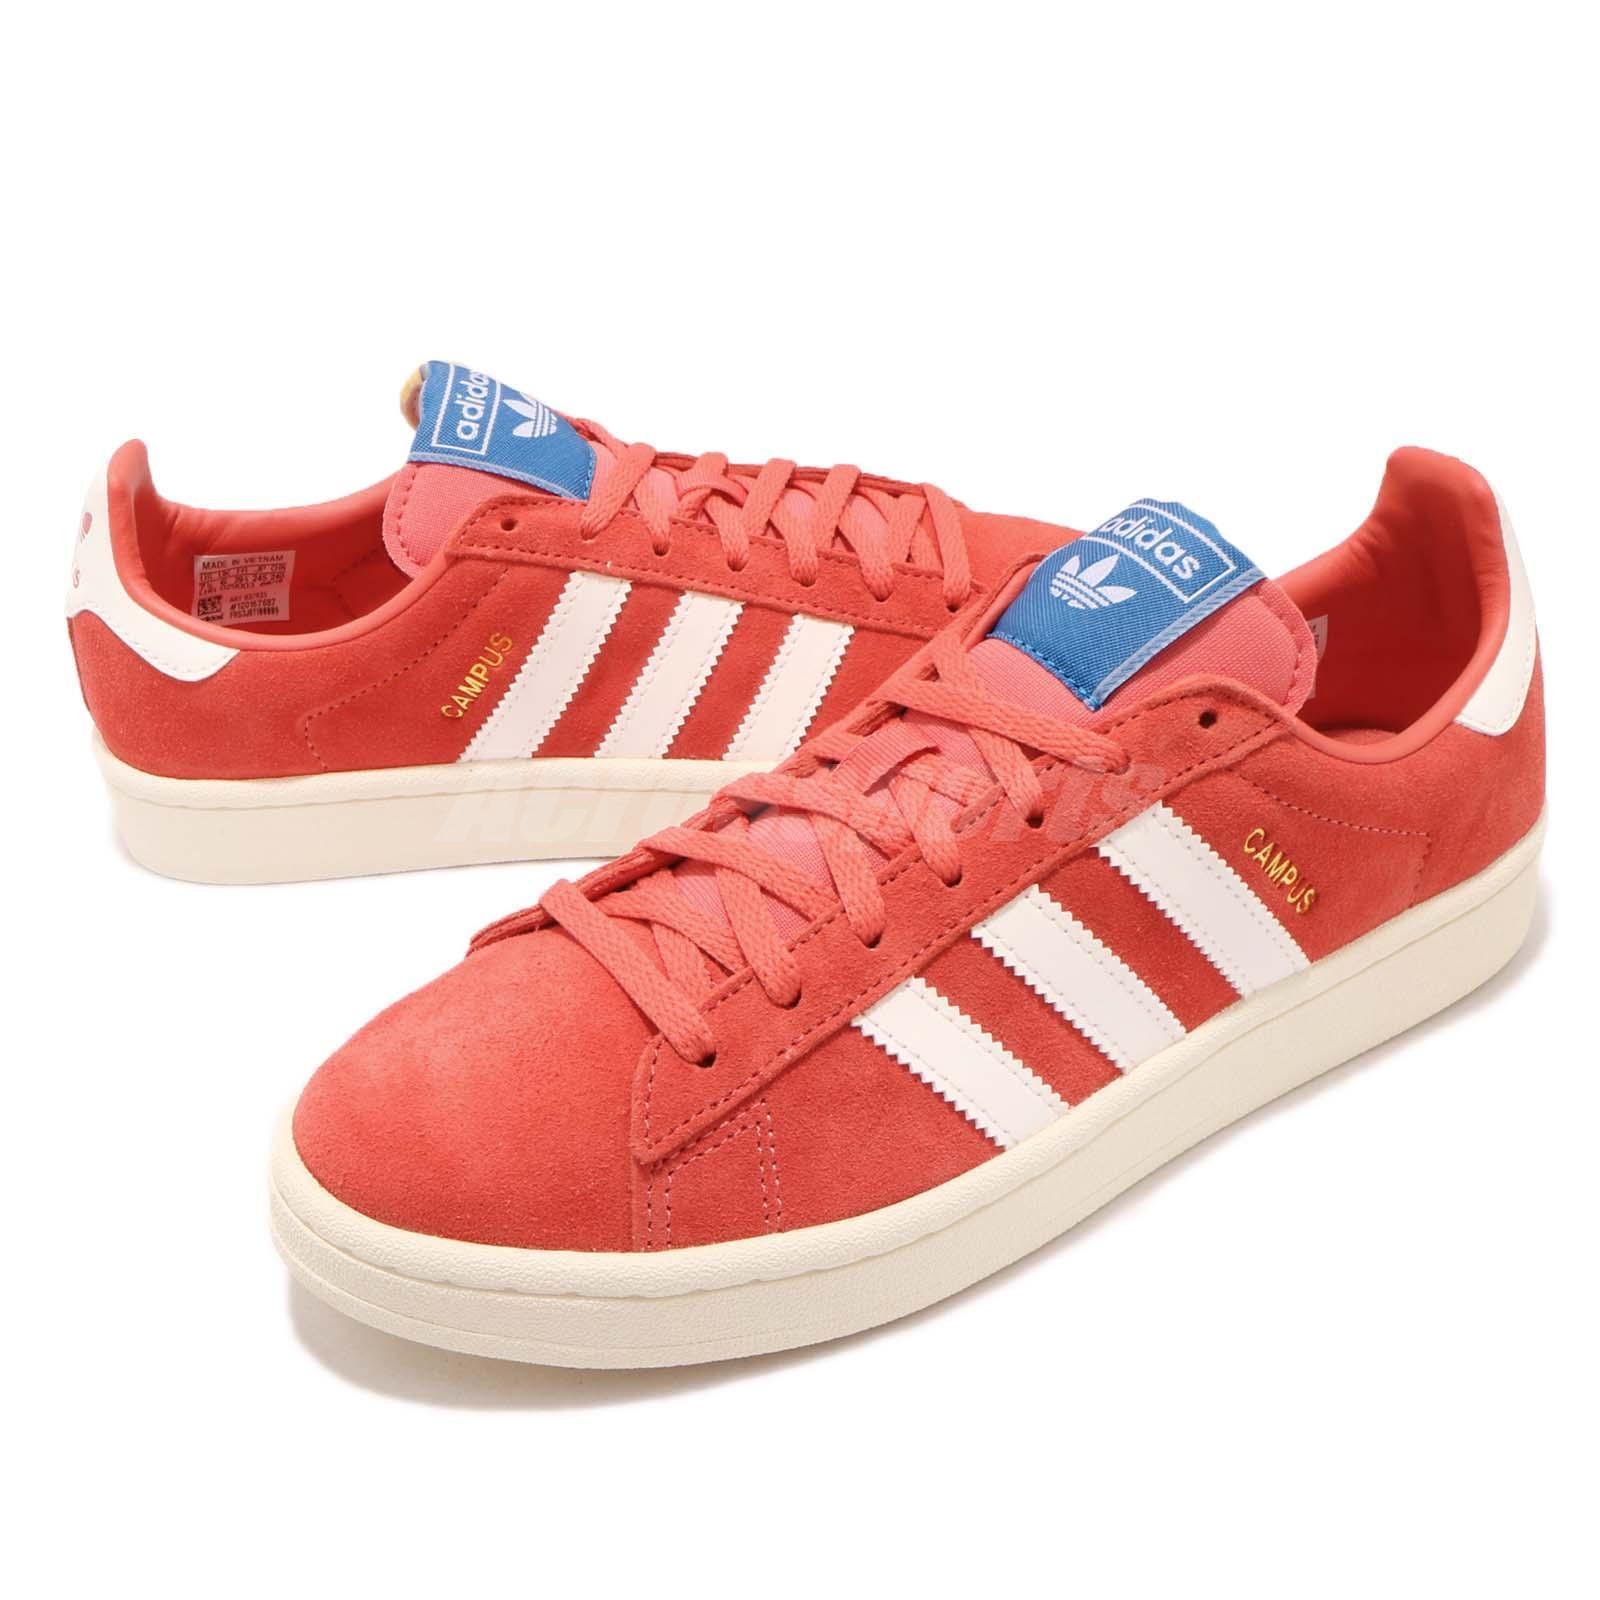 c93e9b8d0e1d1 Details about adidas Originals Campus W Scarlet White Women Classic Casual  Shoe Sneaker B37935